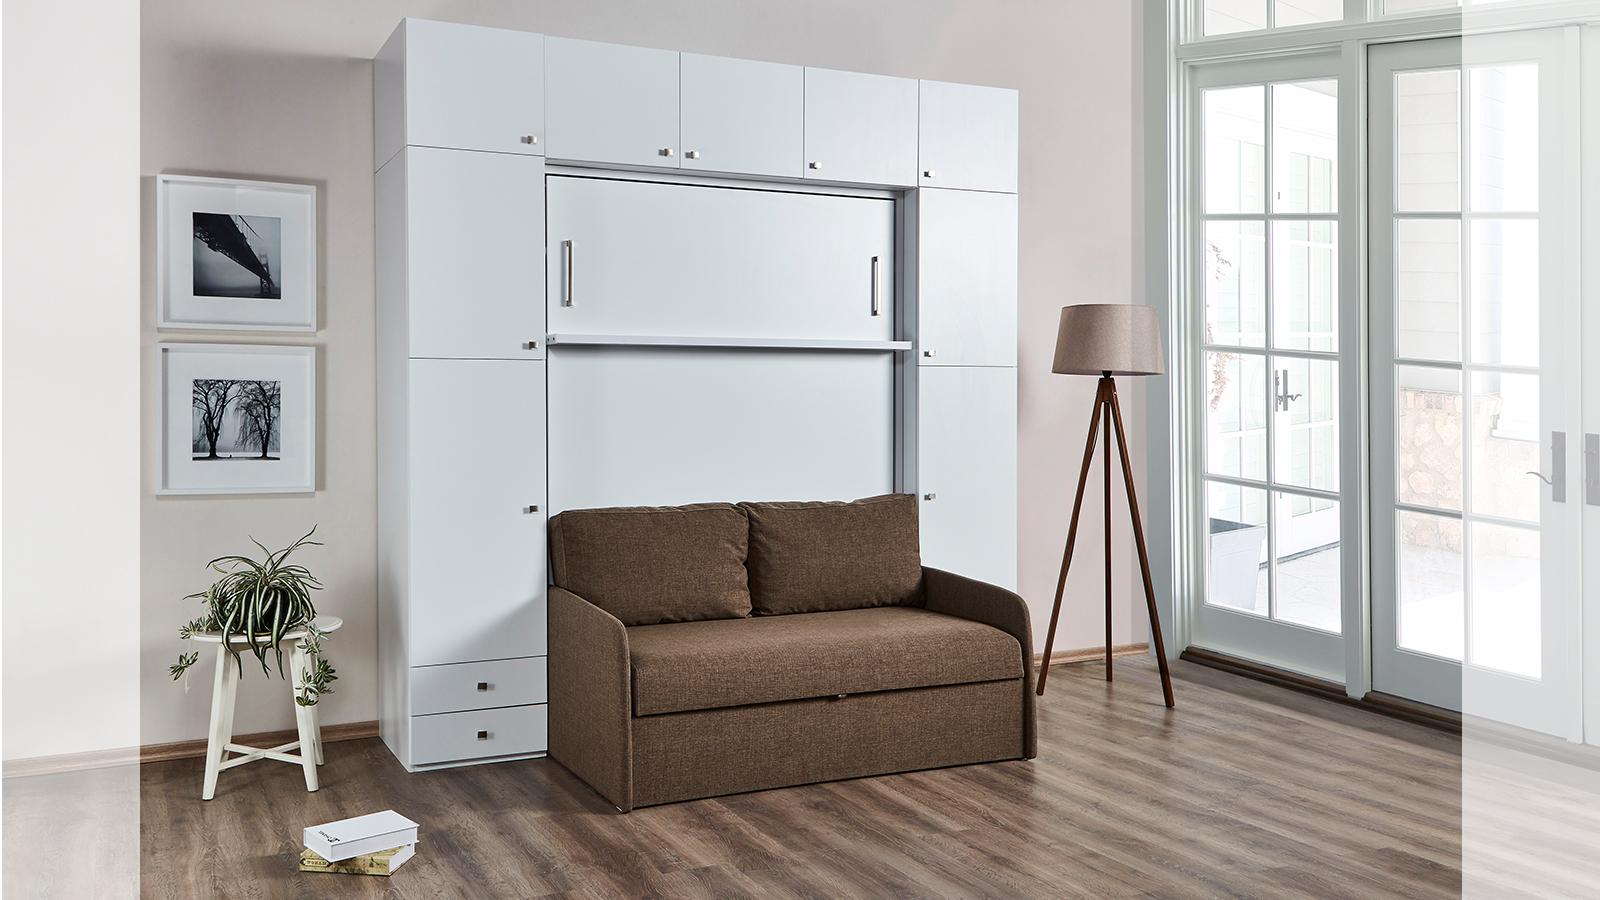 Multimo Wandklappbett 140x190 Loft Bed mit Couch